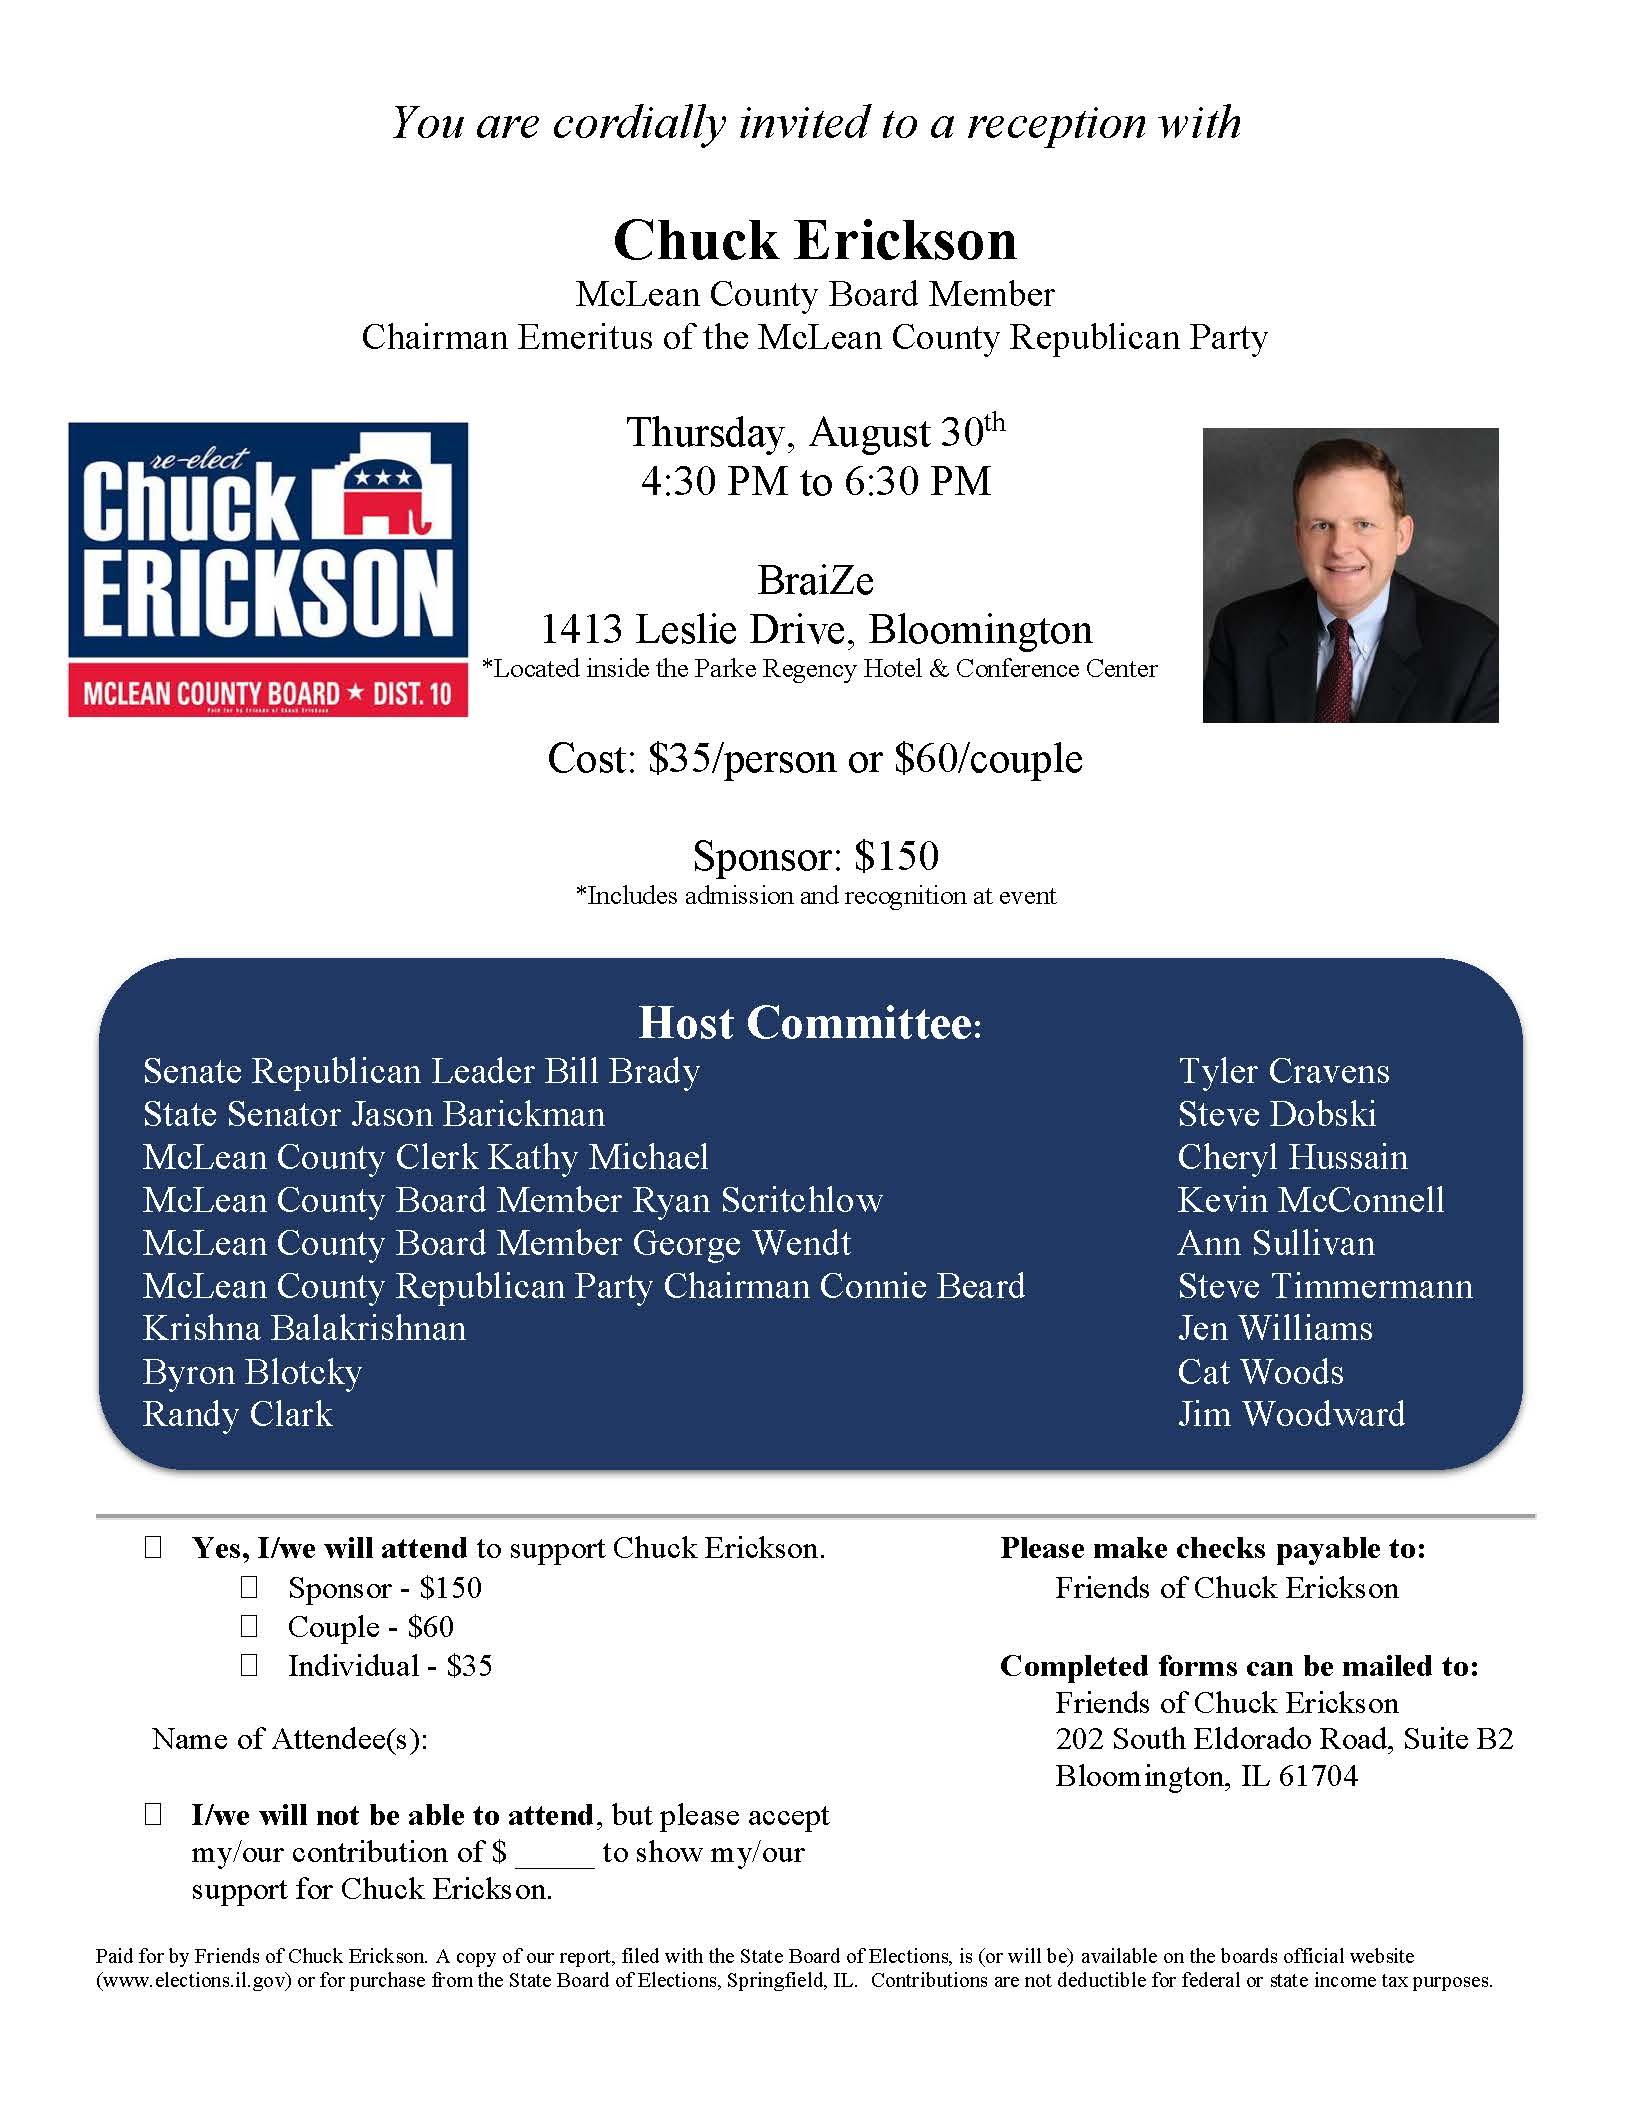 Erickson Fund Raiser